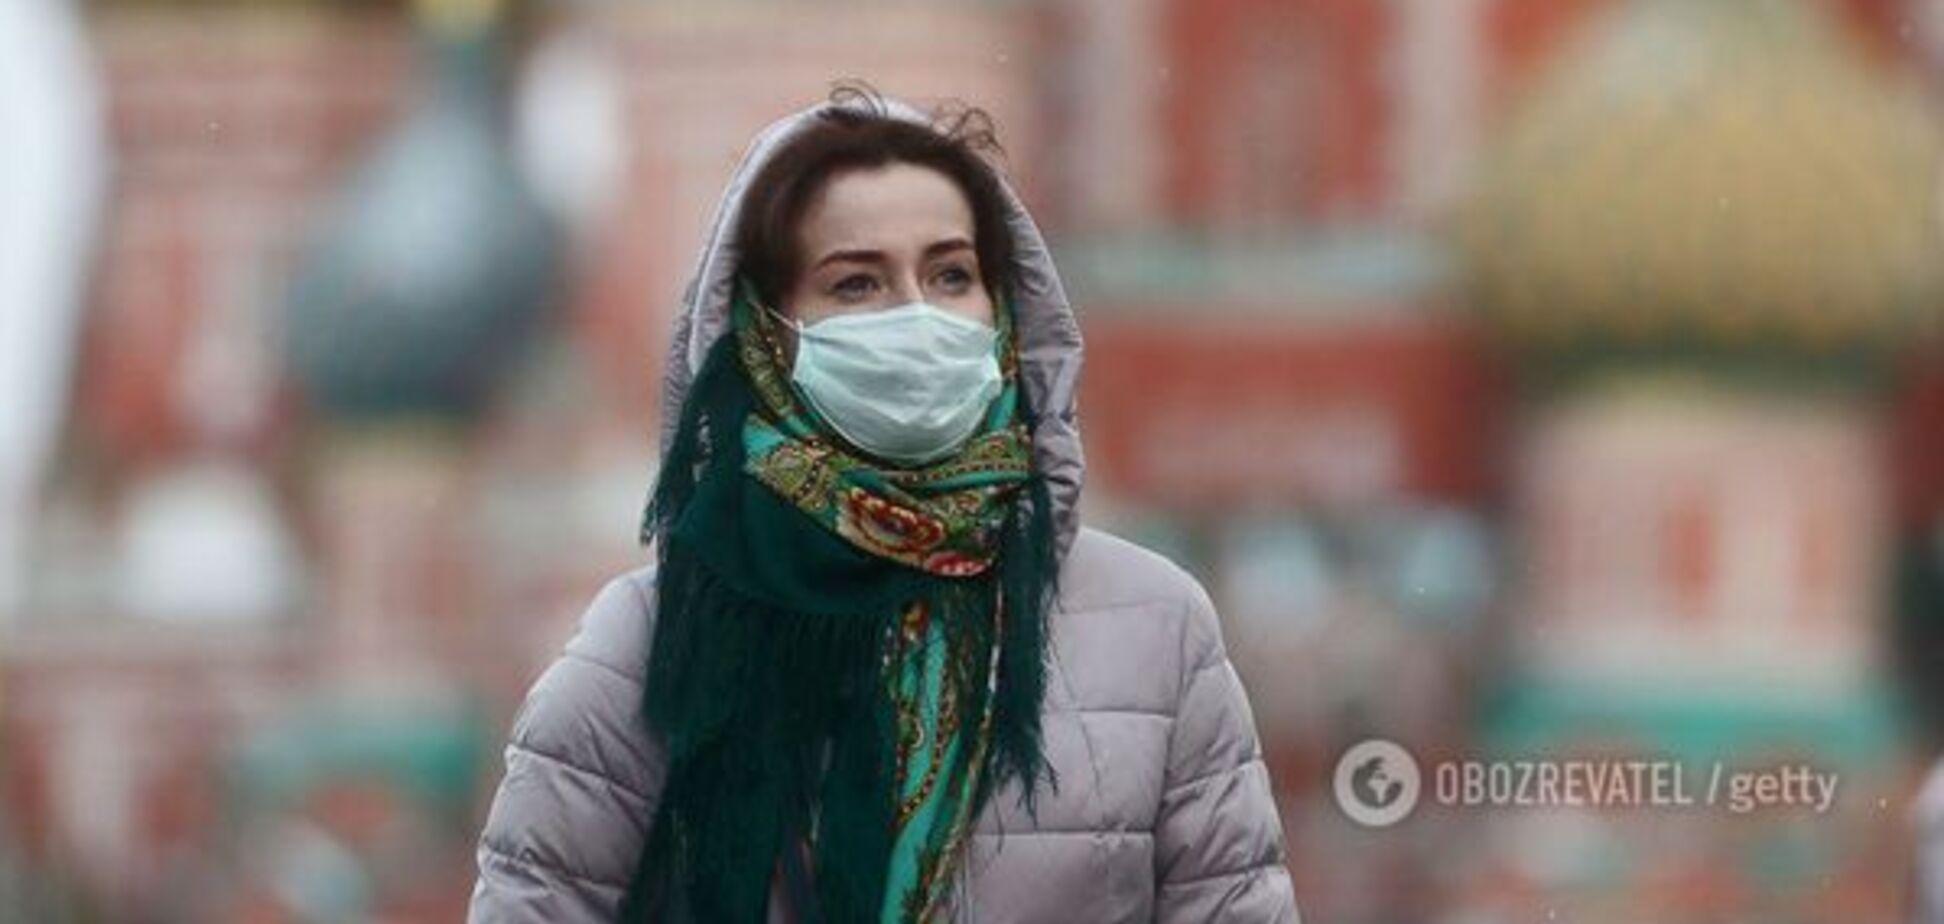 В России скрыли число жертв коронавируса: Сотник разоблачил байки Кремля